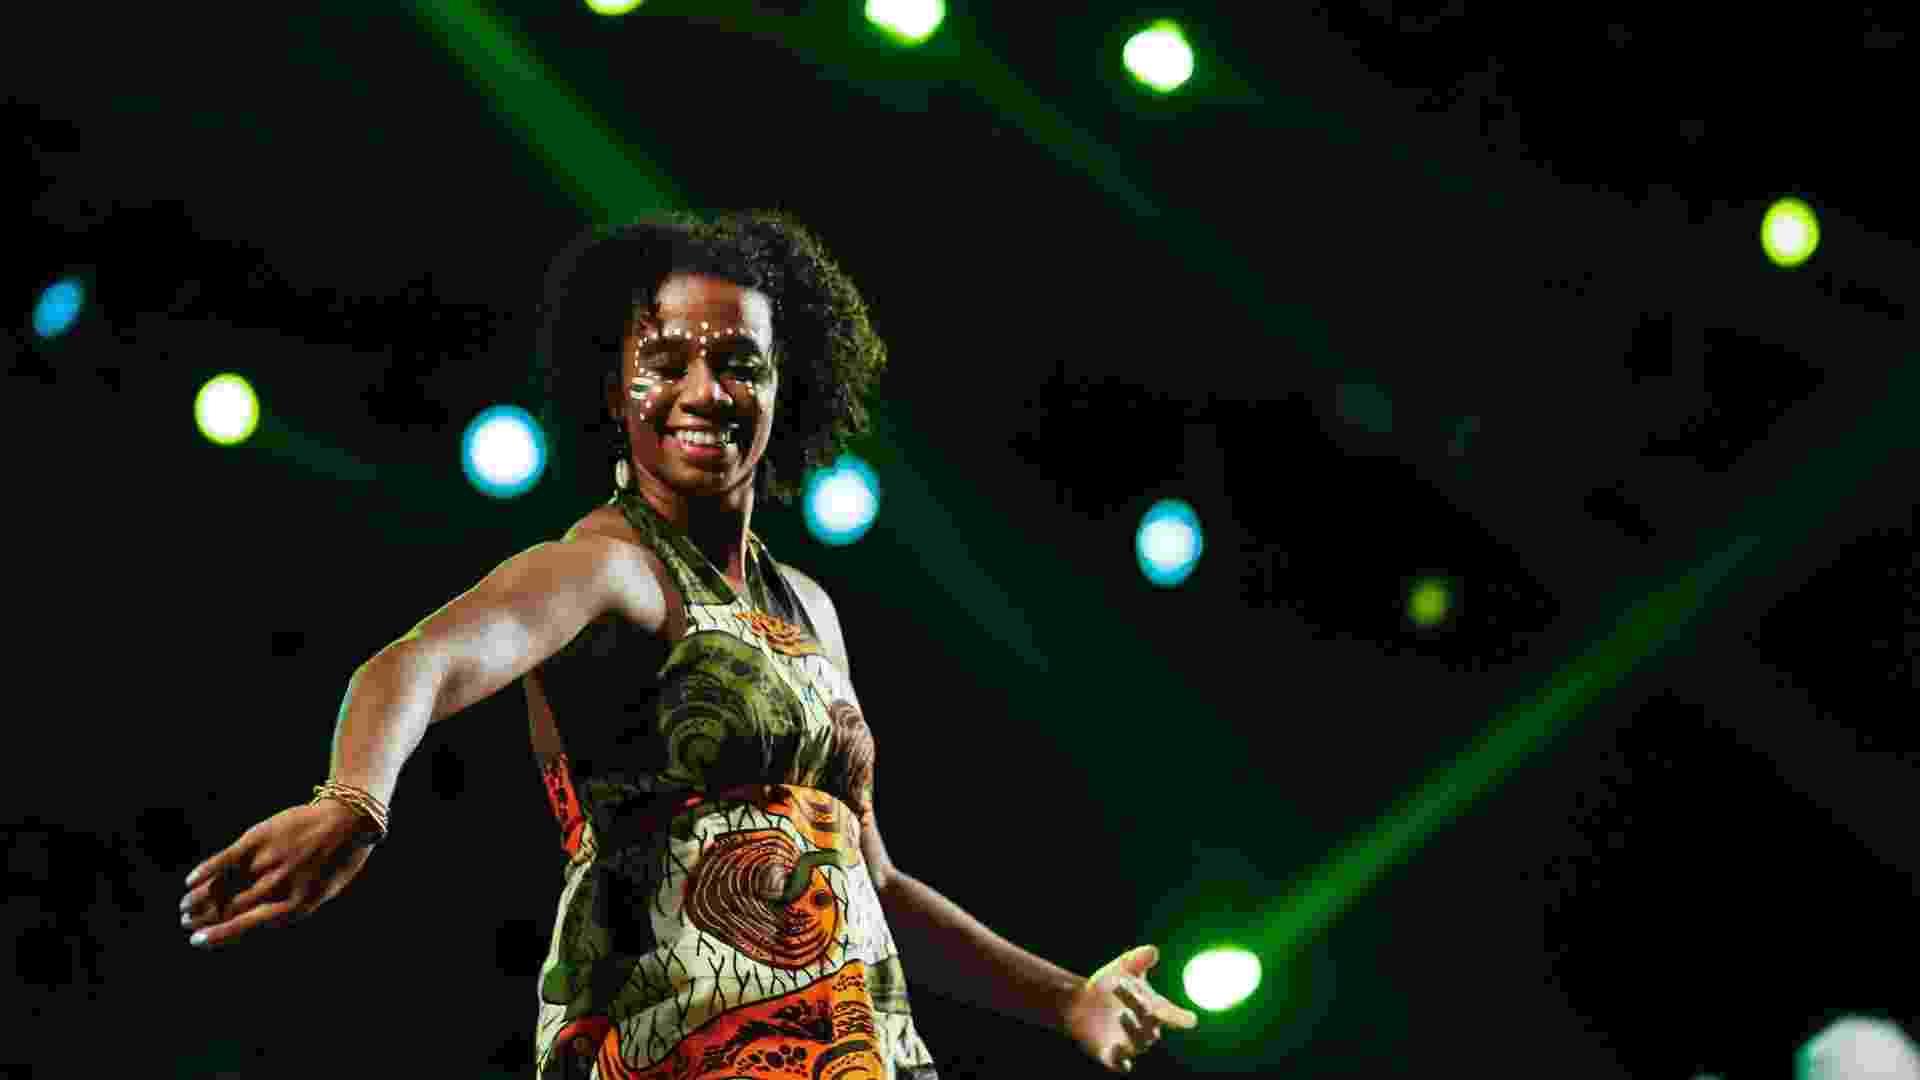 Dançarina se apresenta junto do baterista Tony Allen, um dos cofundadores do afrobeat, durante a Virada Cultural (6/5/12) - Leandro Moraes/UOL